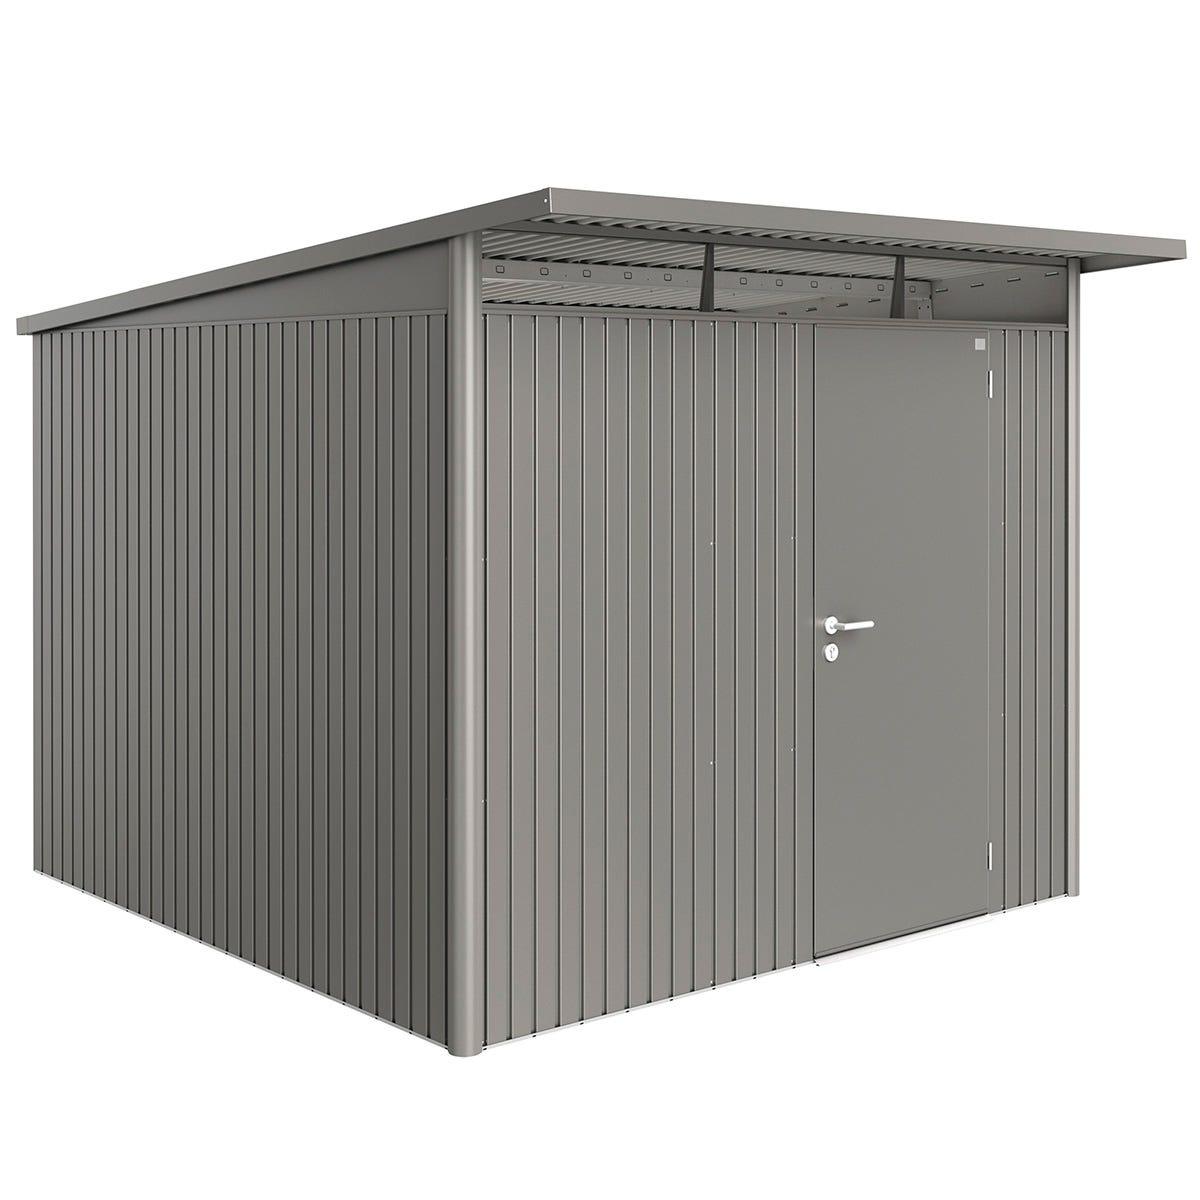 Biohort AvantGarde Metal Shed A7 Standard door 8' 5'' x 9' 8'' - Quartz Grey